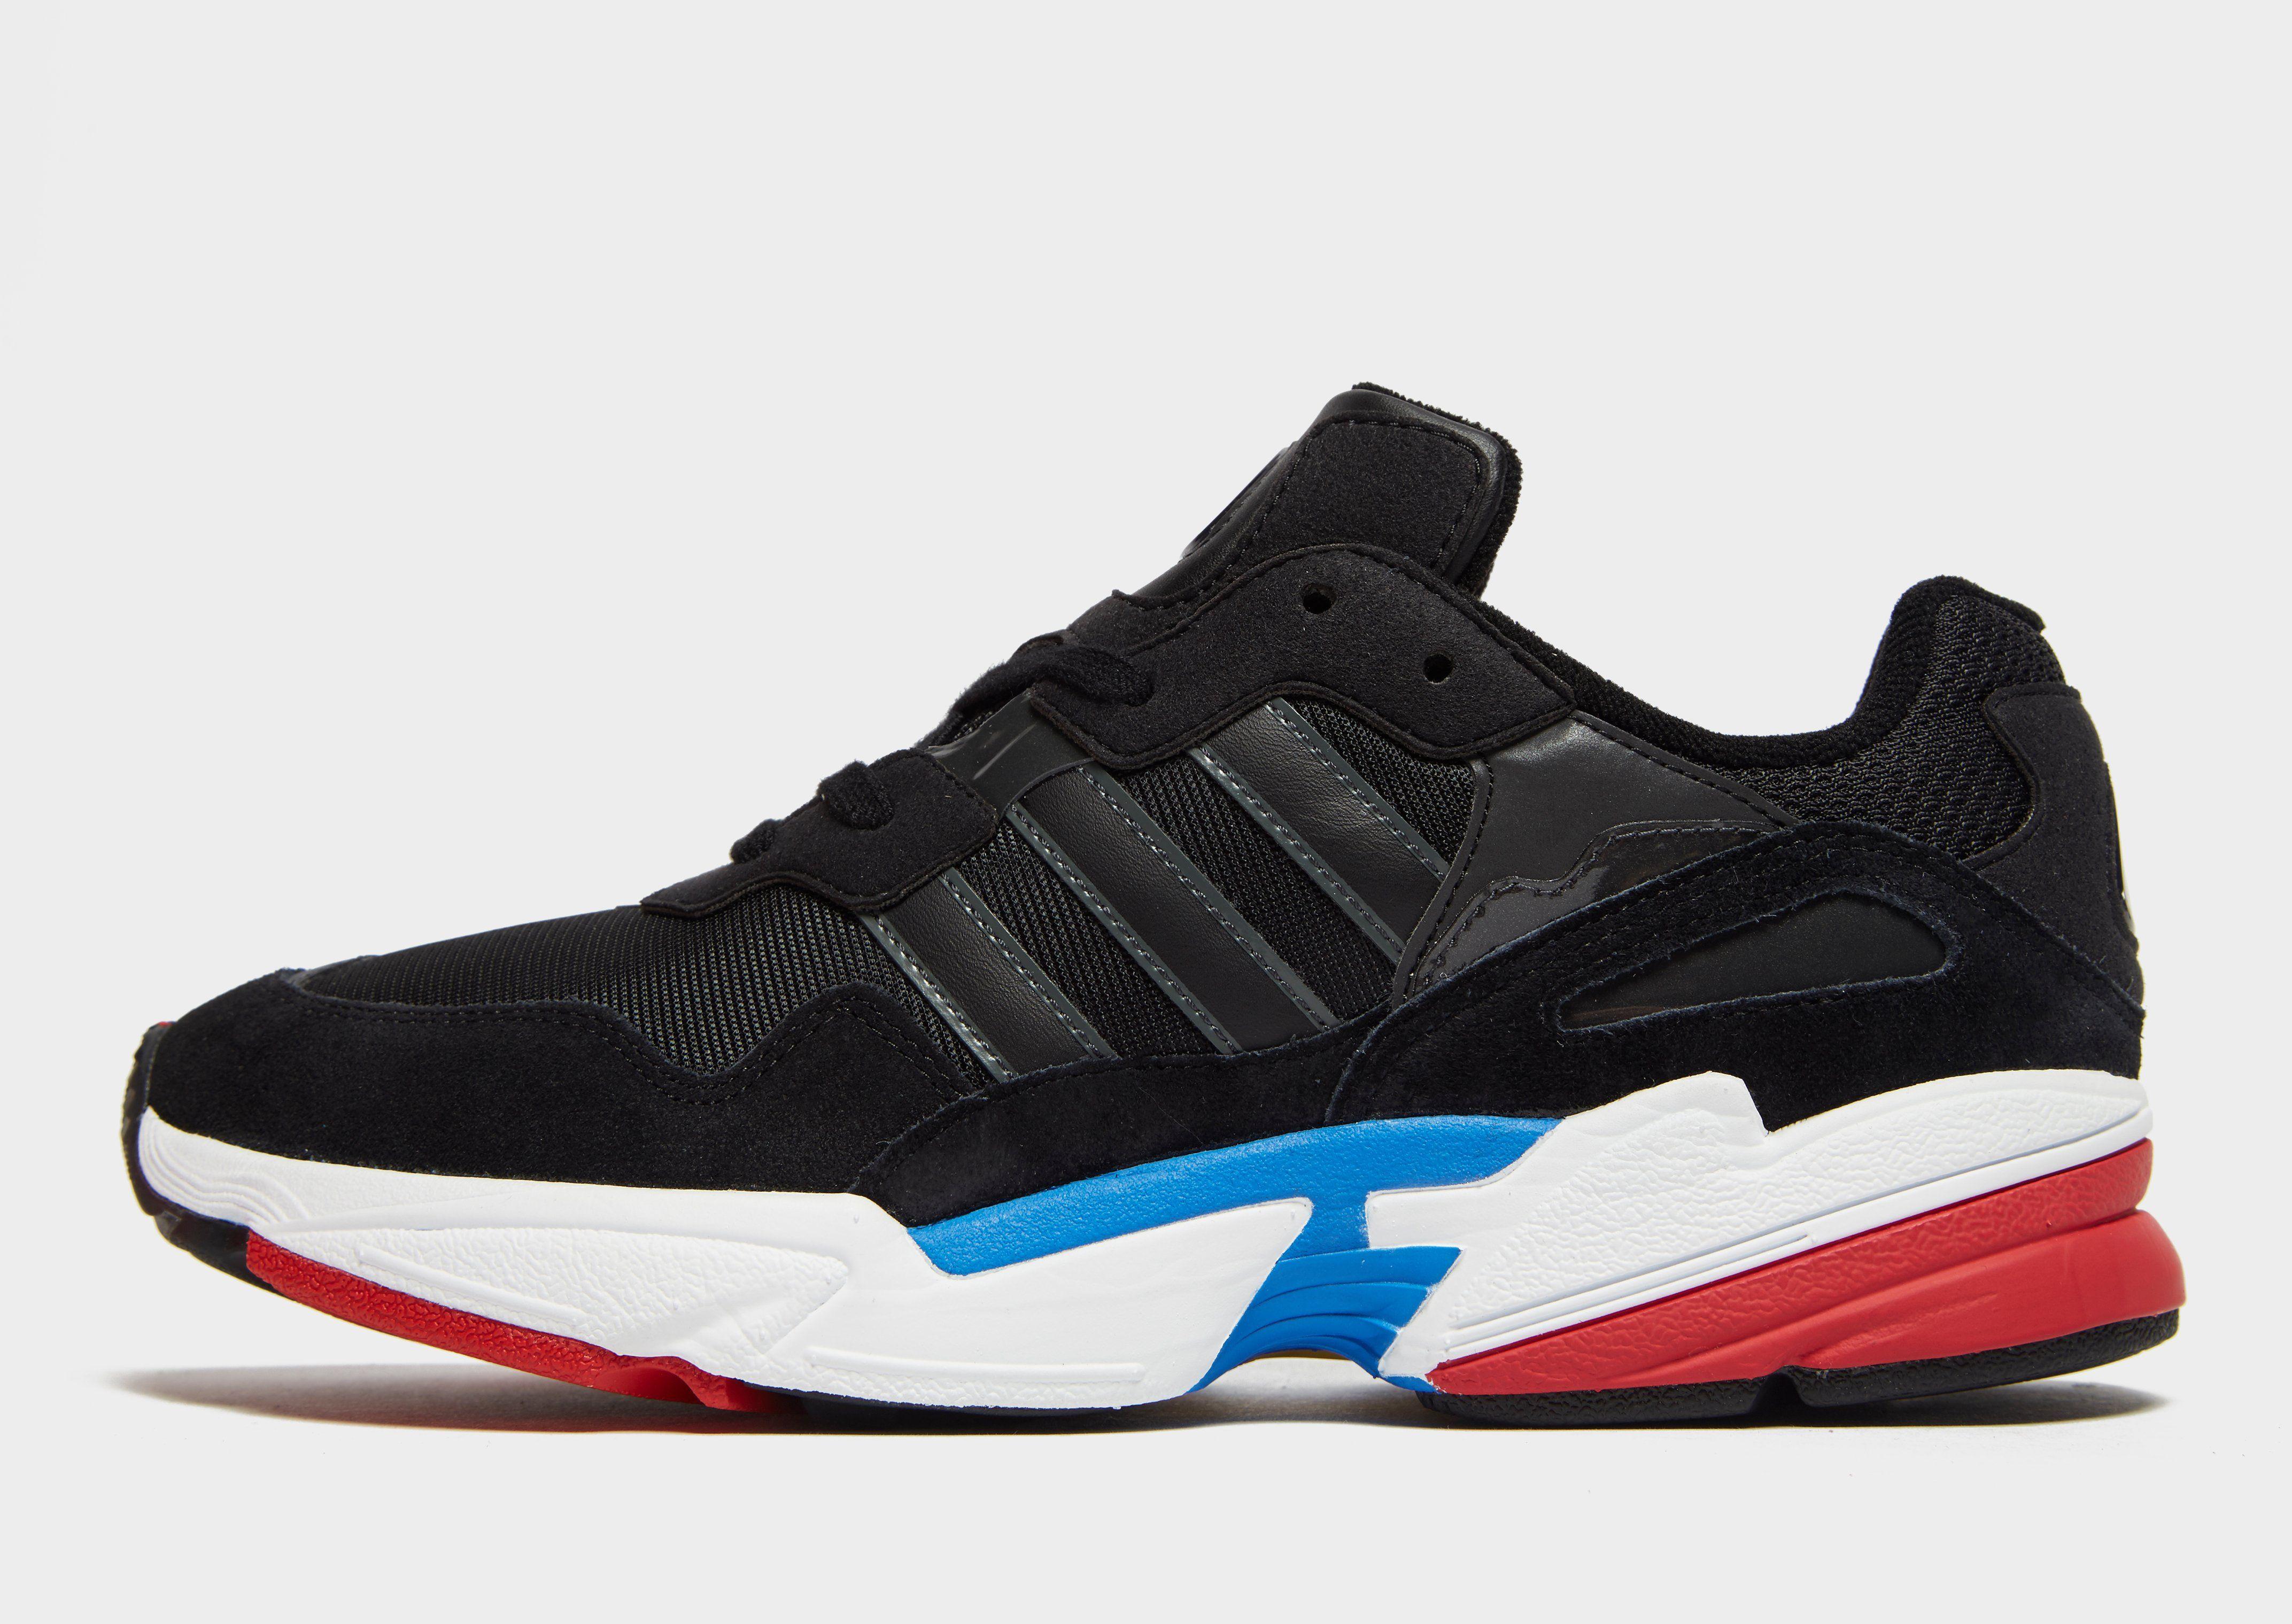 2d22b1103e3 adidas Originals Yung 96